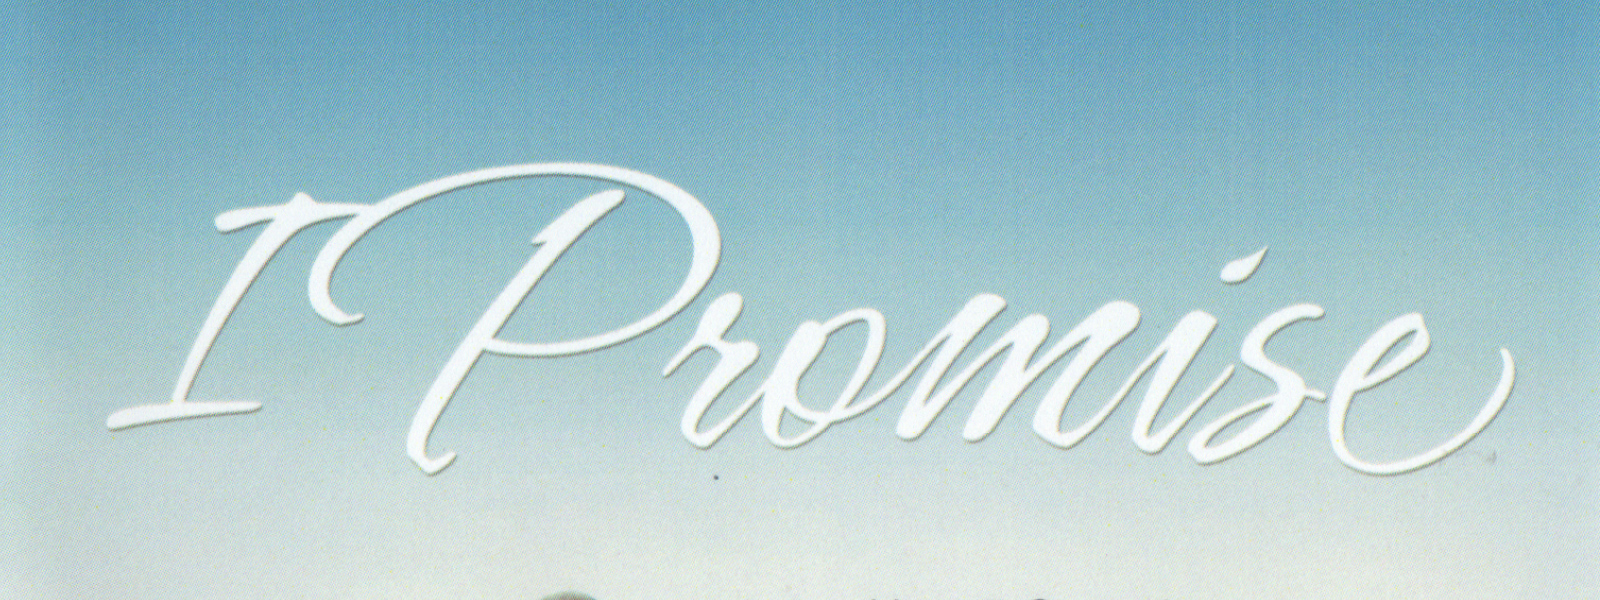 i-promise.jpg